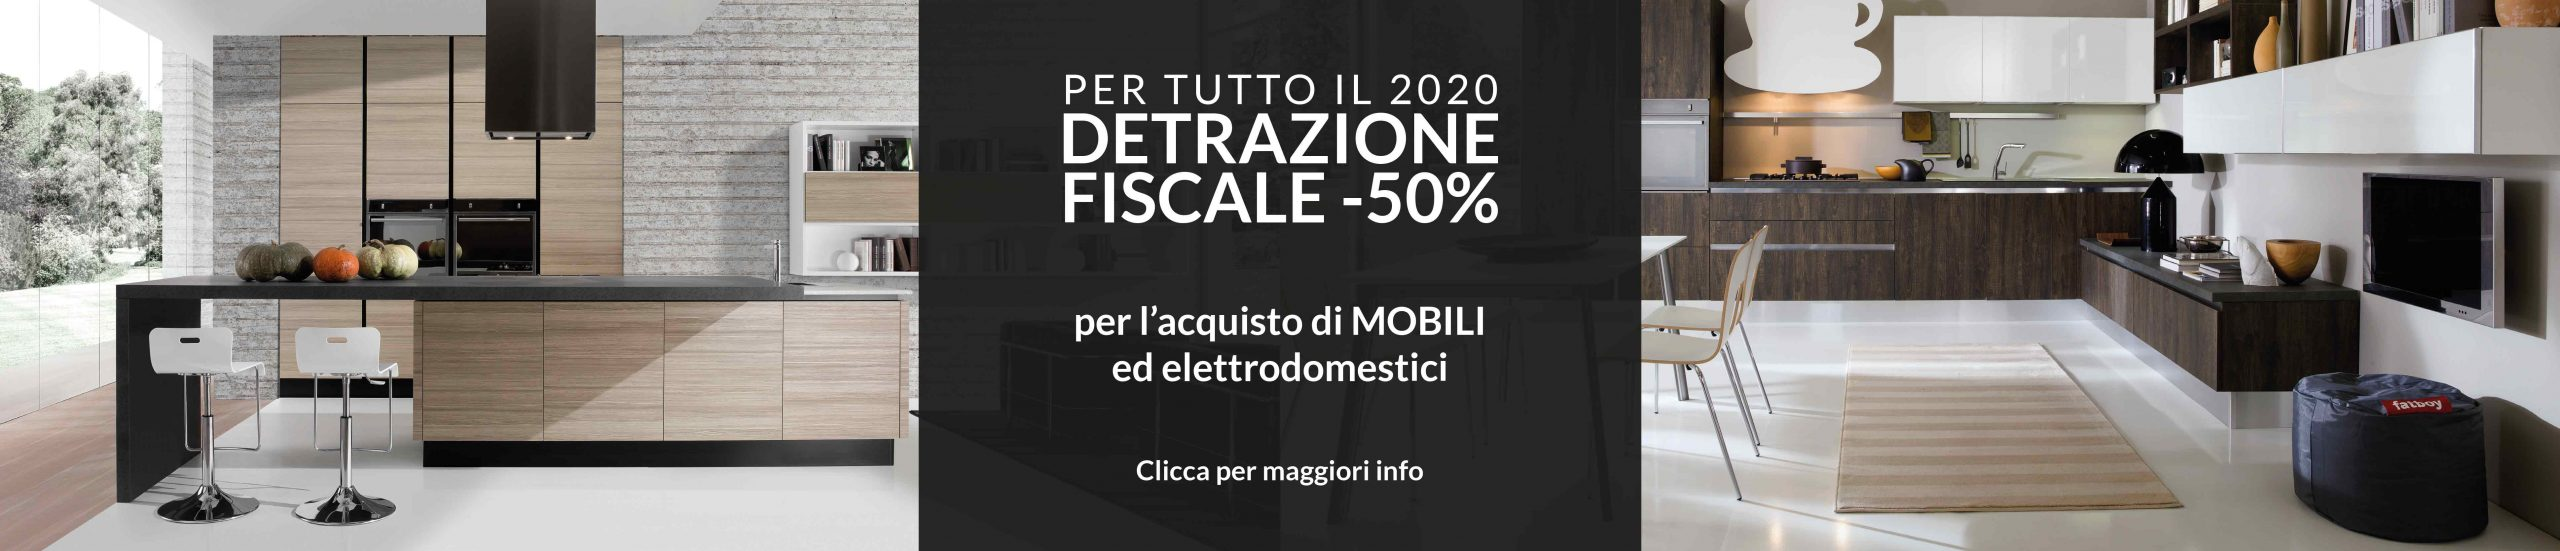 banner-detrazione-fiscale2020-1860x400